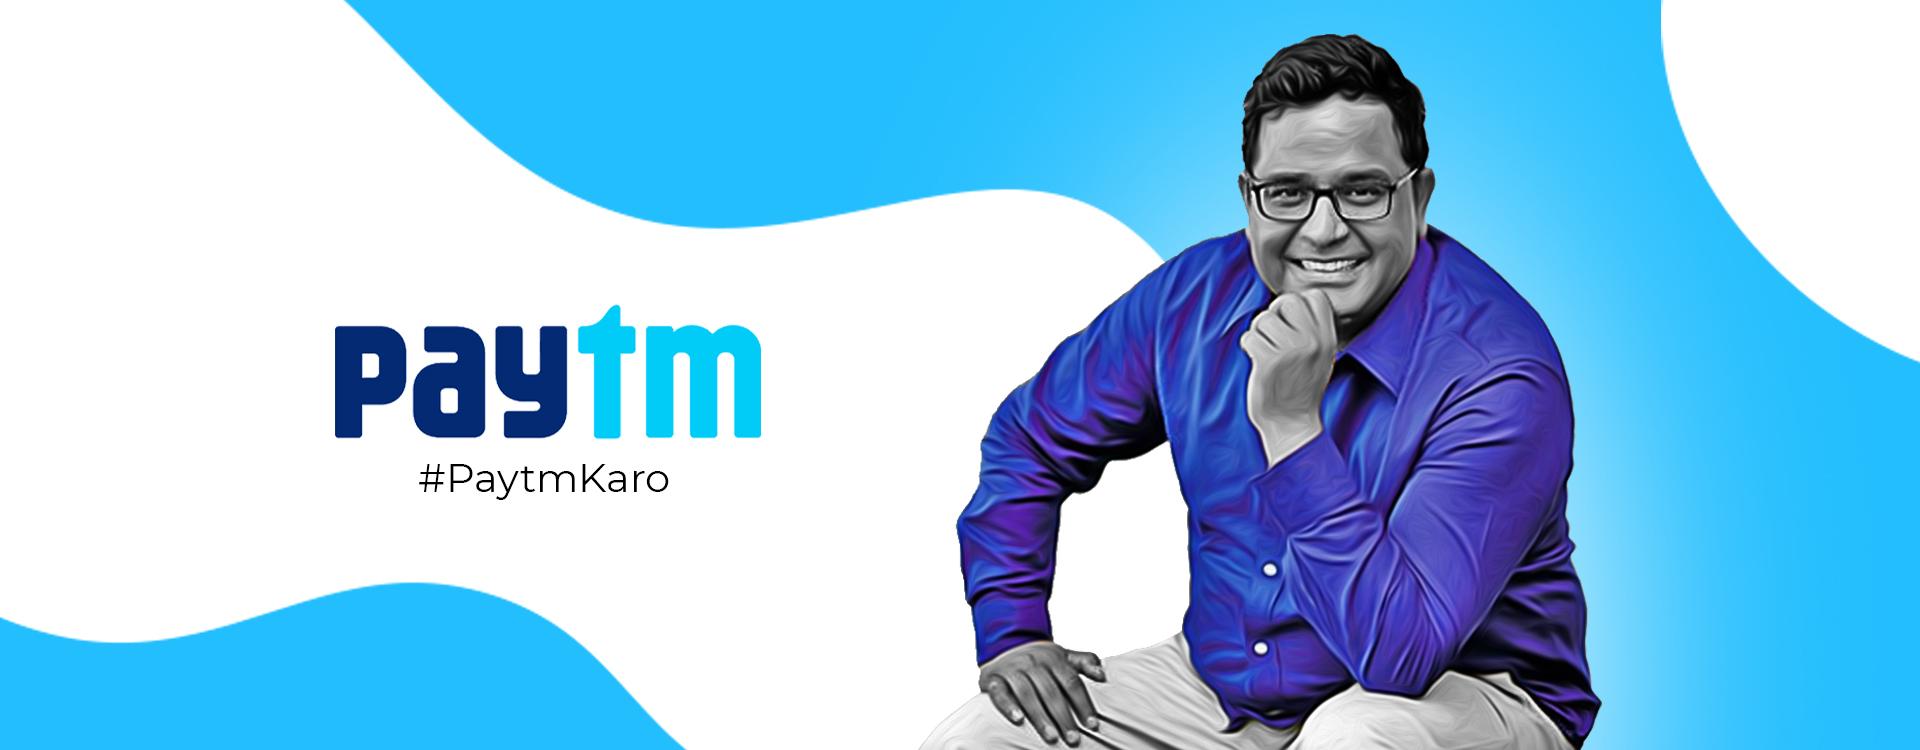 paytm's founder Vijay Shekhar Sharma